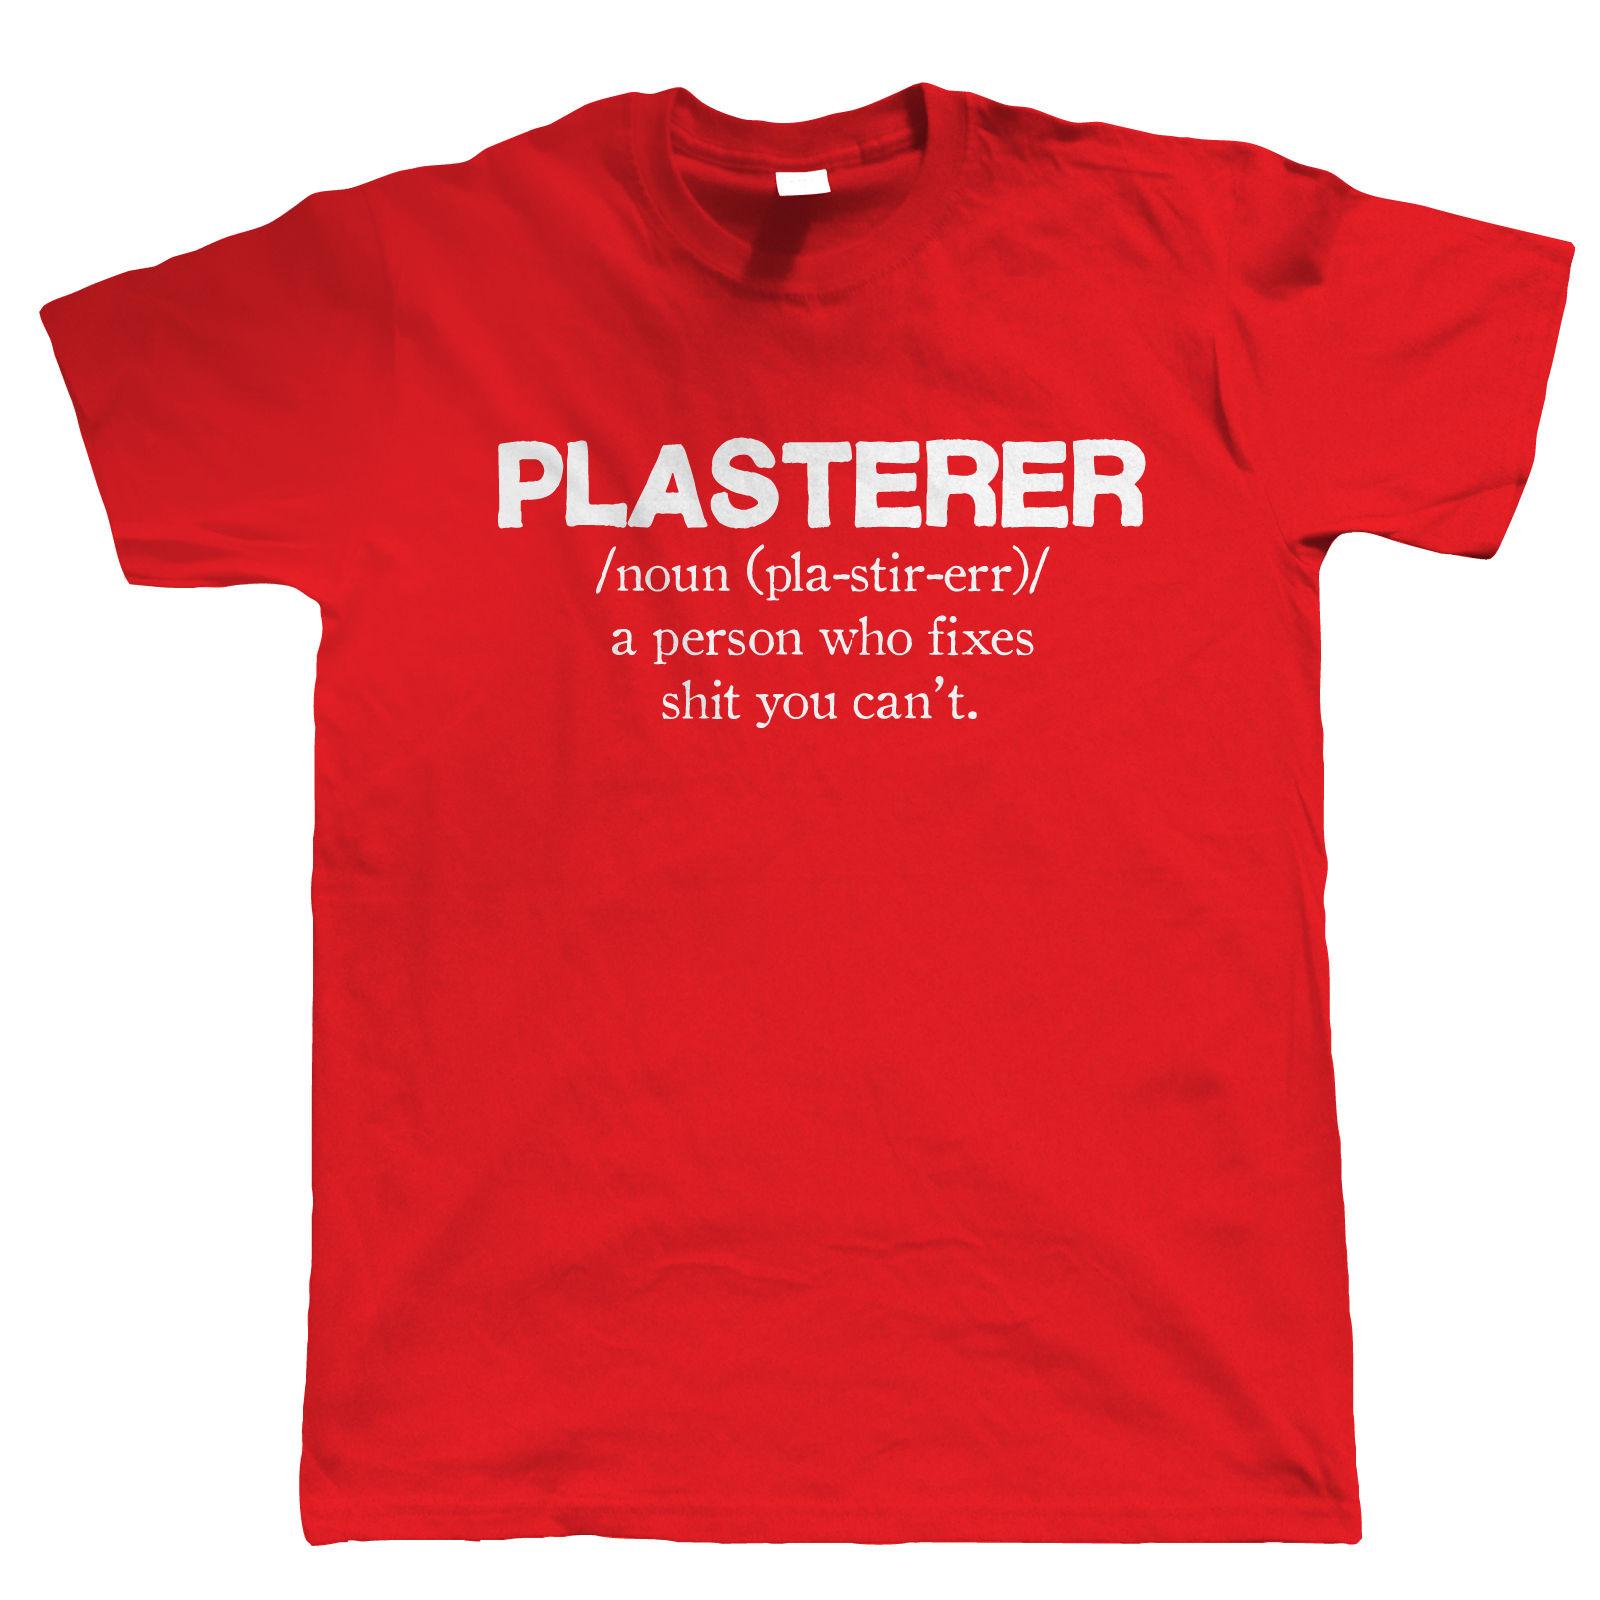 Funny Christmas Gift Part - 30: Plasterer-Mens-Funny-T-Shirt-Christmas-Gift-for-